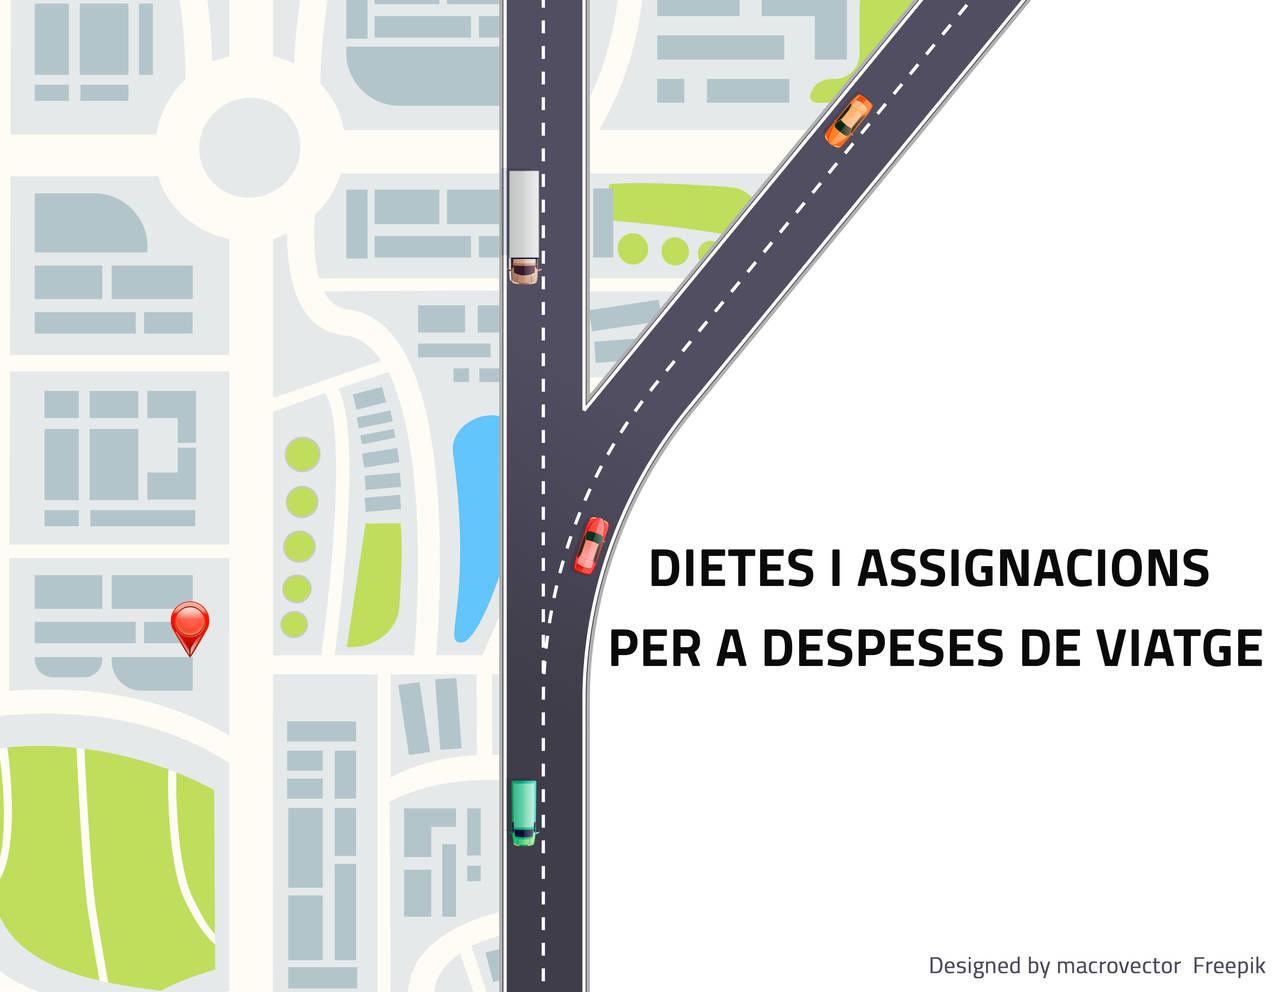 DIETES I ASSIGNACIONS PER A DESPESES DE VIATGE